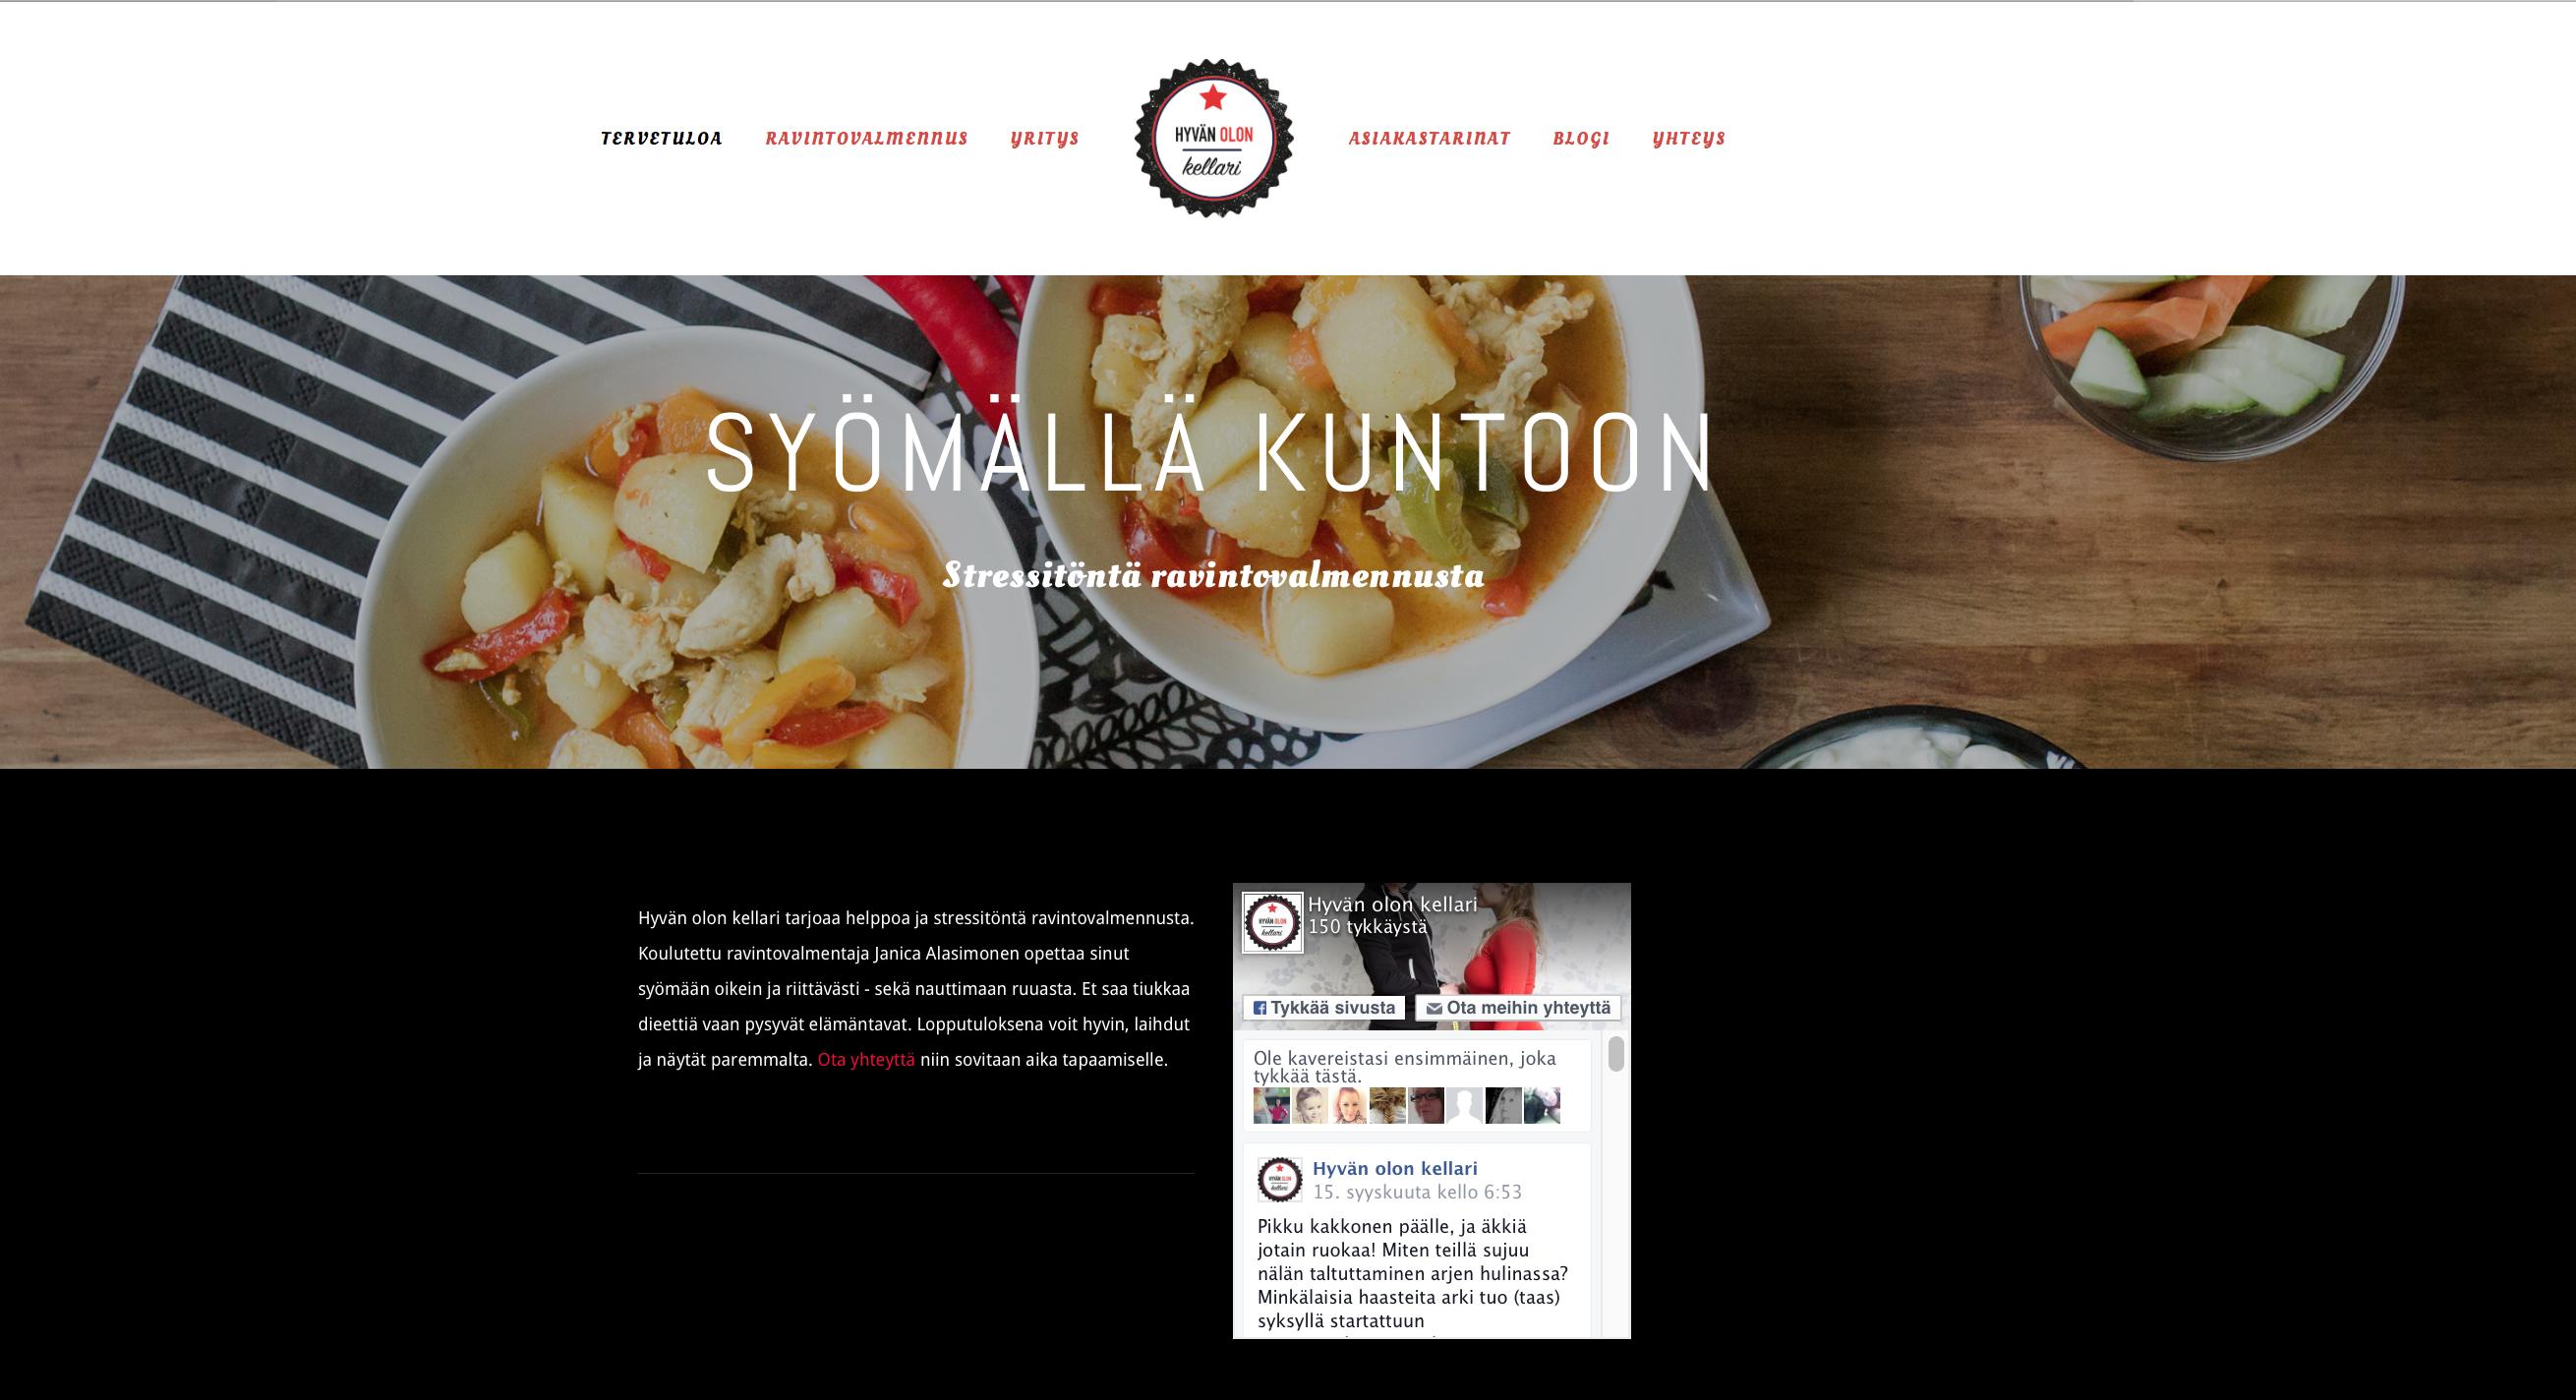 Hyvän olon kellari, www-sivut, etusivu. Suunnittelu: Heidi Sarjanoja/Valokki Design.